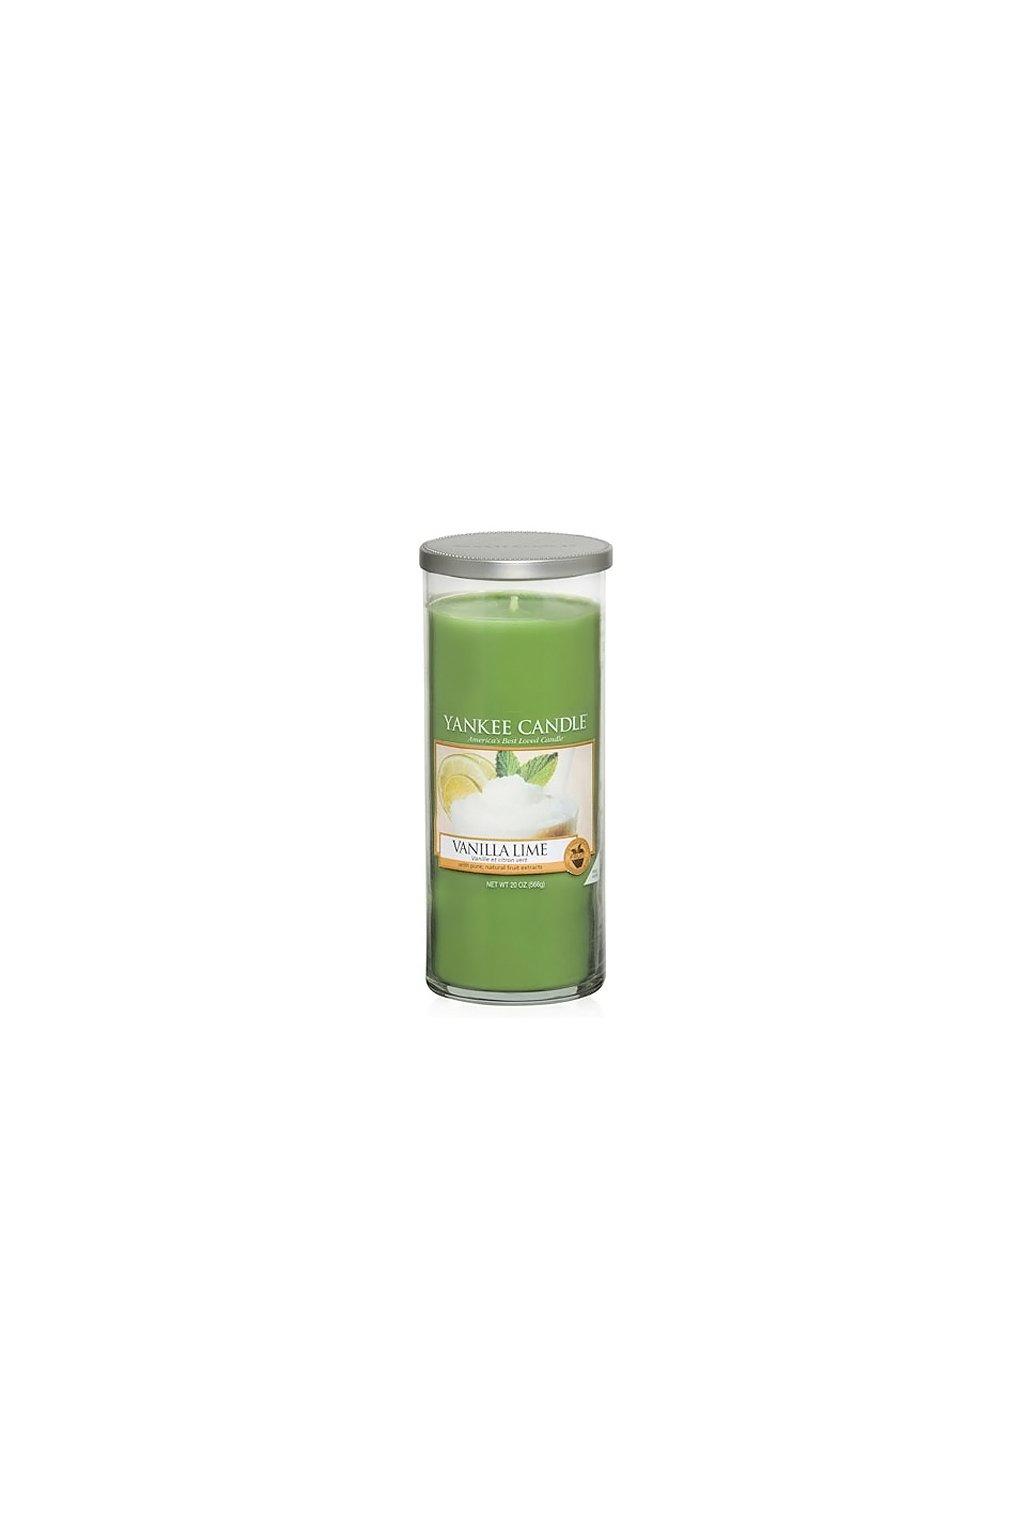 Svíčka ve skleněném válci Yankee Candle - Vanilla Lime